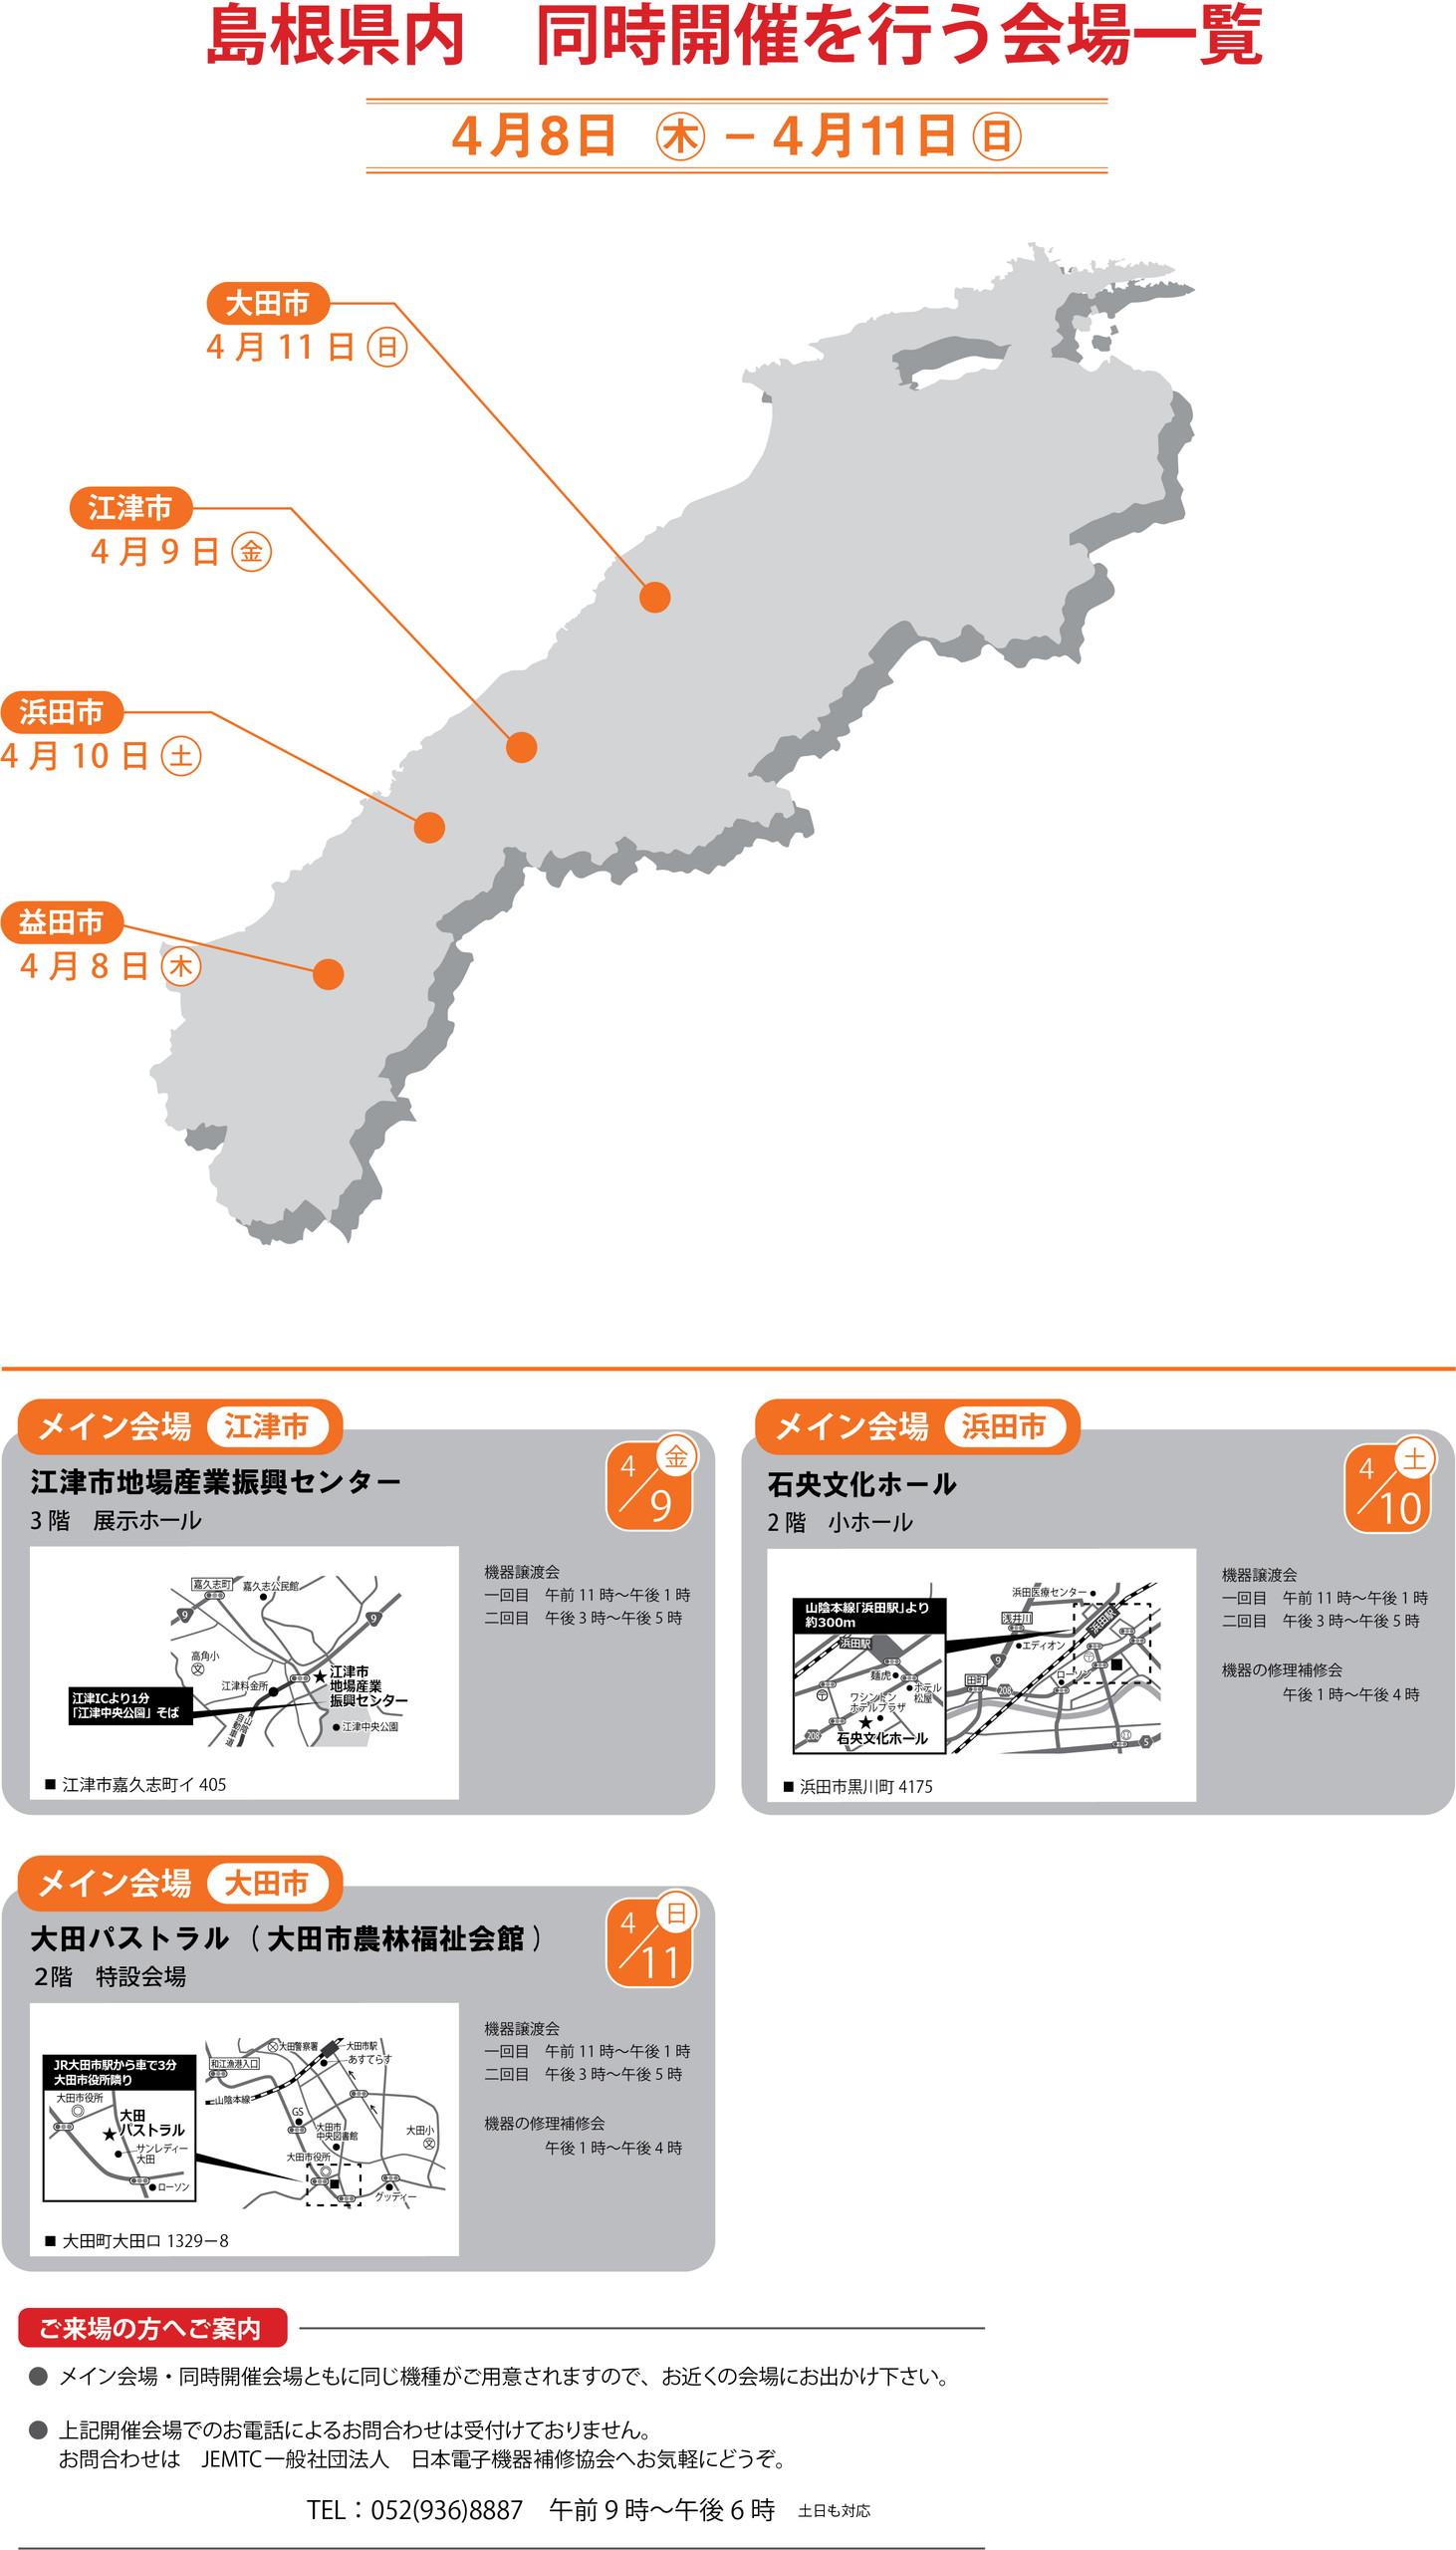 ジェムテクノートパソコン有償譲渡会in島根_他開催会場